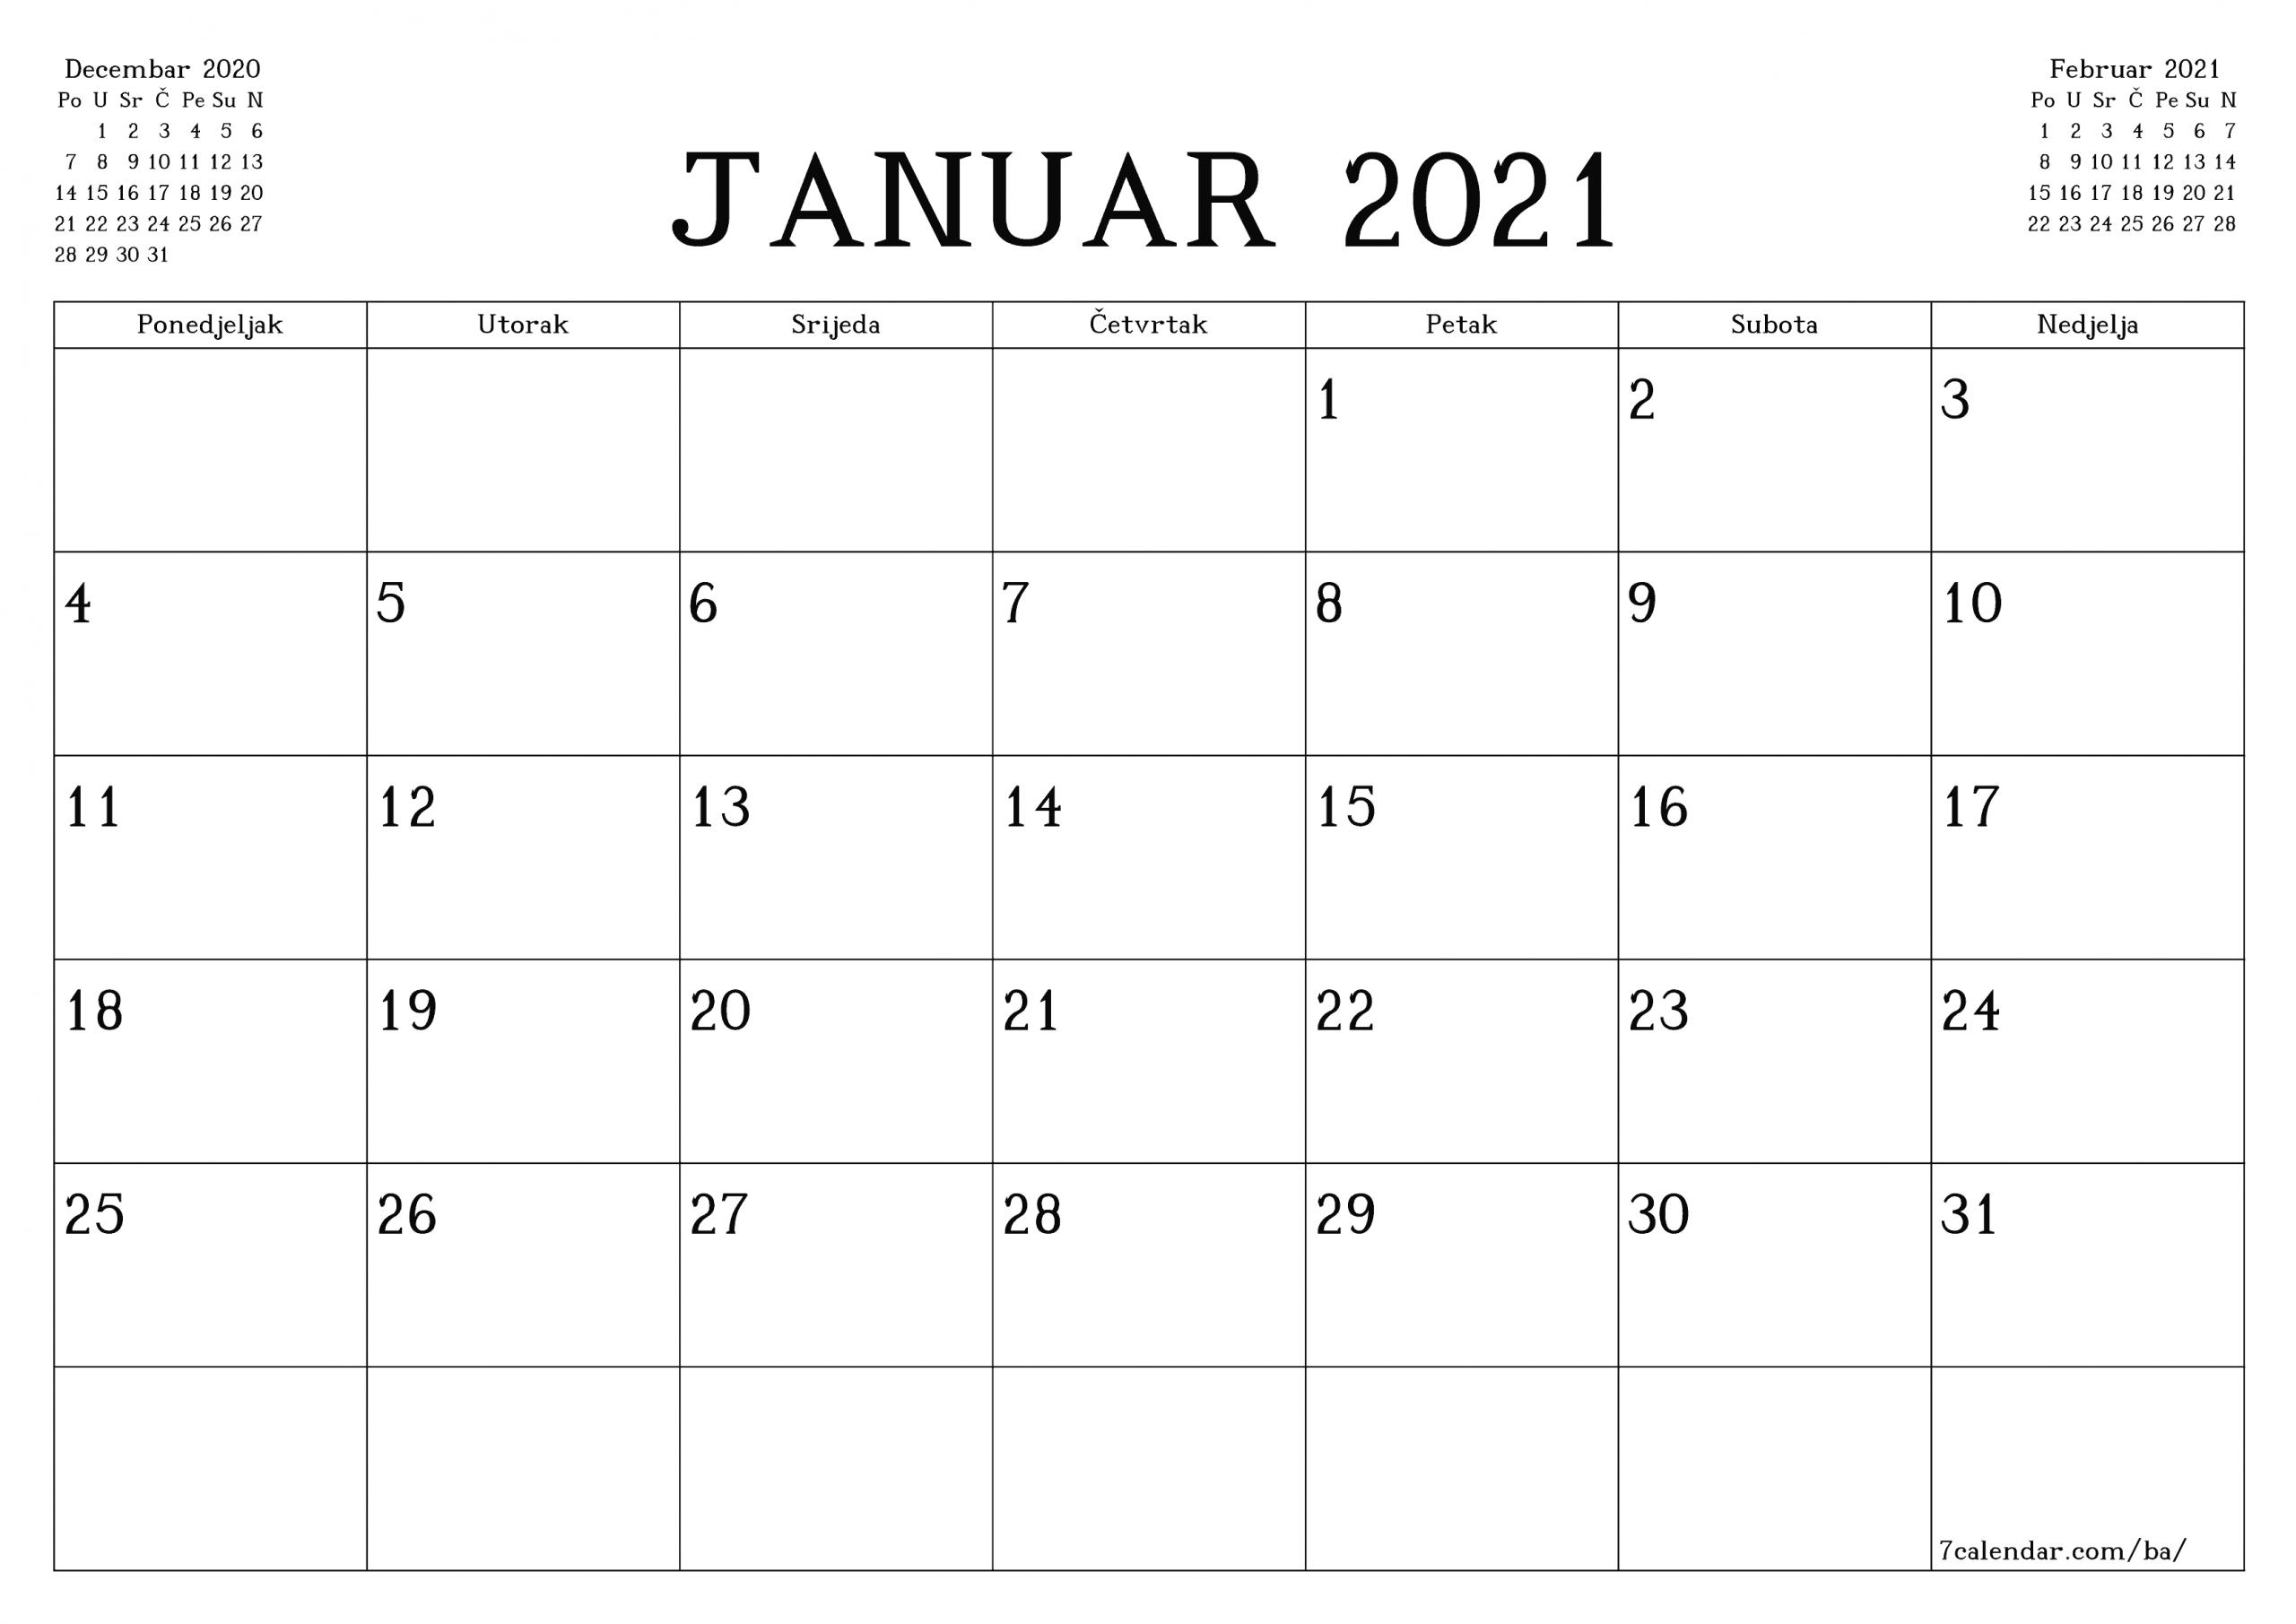 Ispis Kalendara, Jedrilica, Planiranje Unosa Na Januar 2021